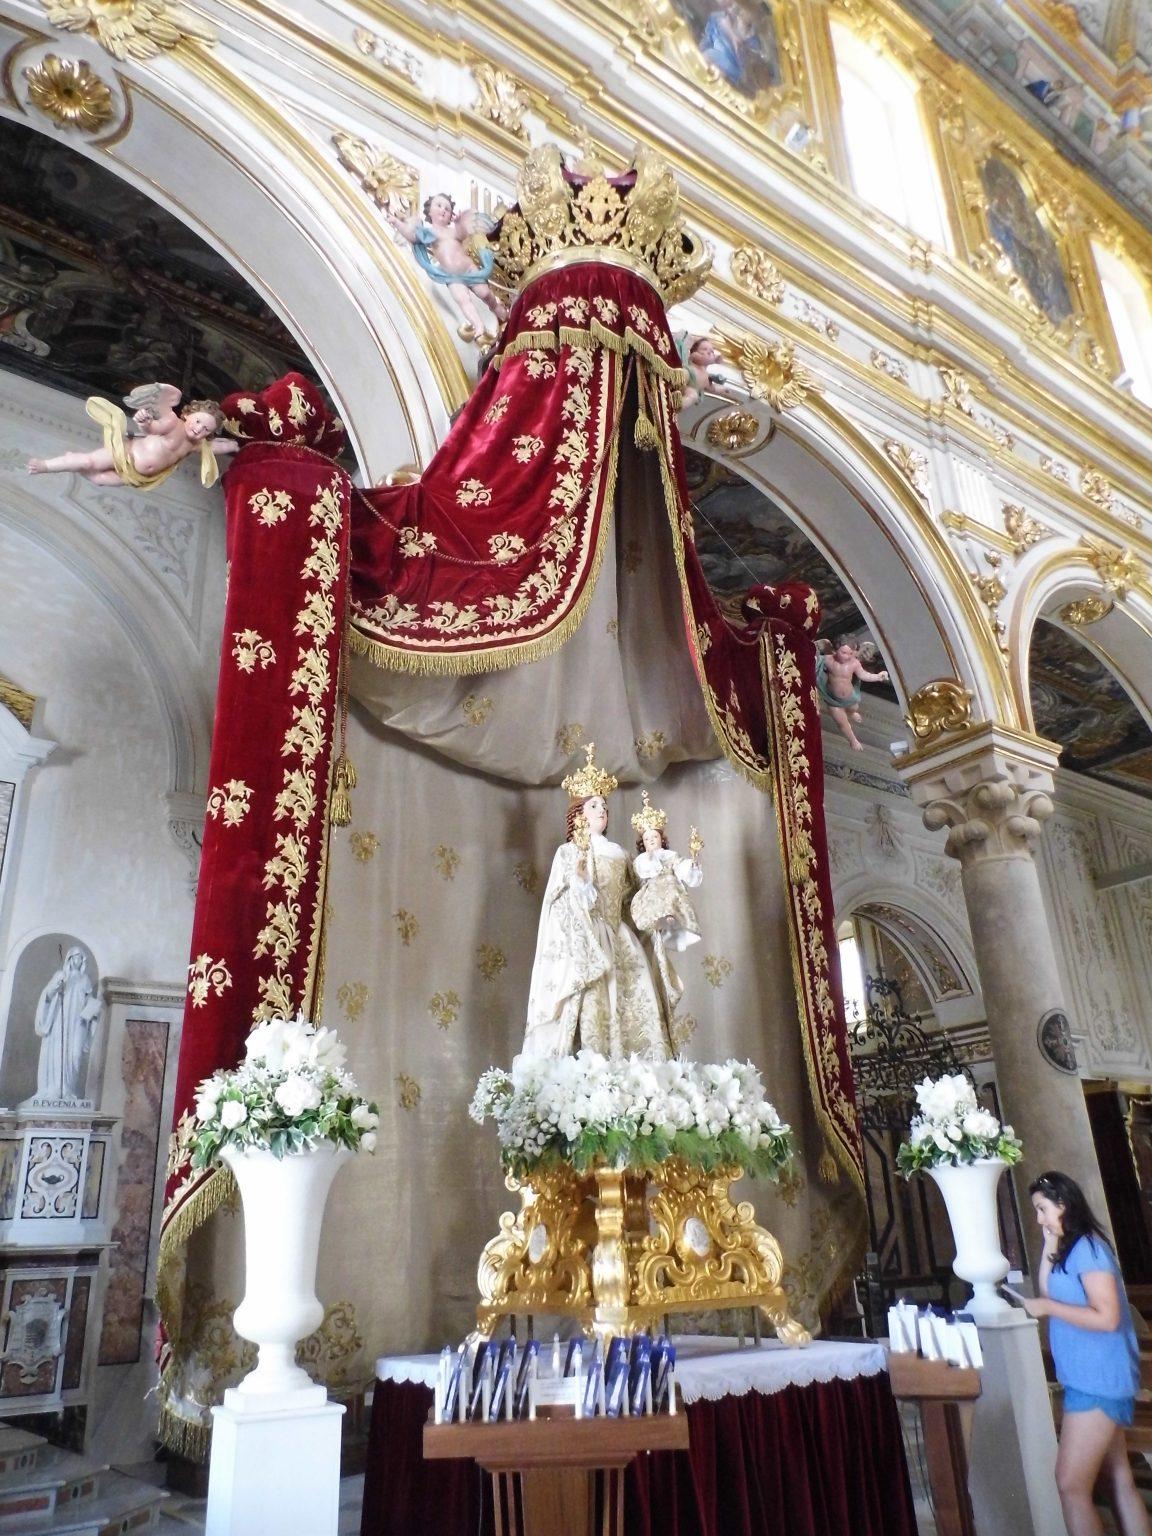 Matera: Kulturhauptstadt 2019 und die Heilige Bruna